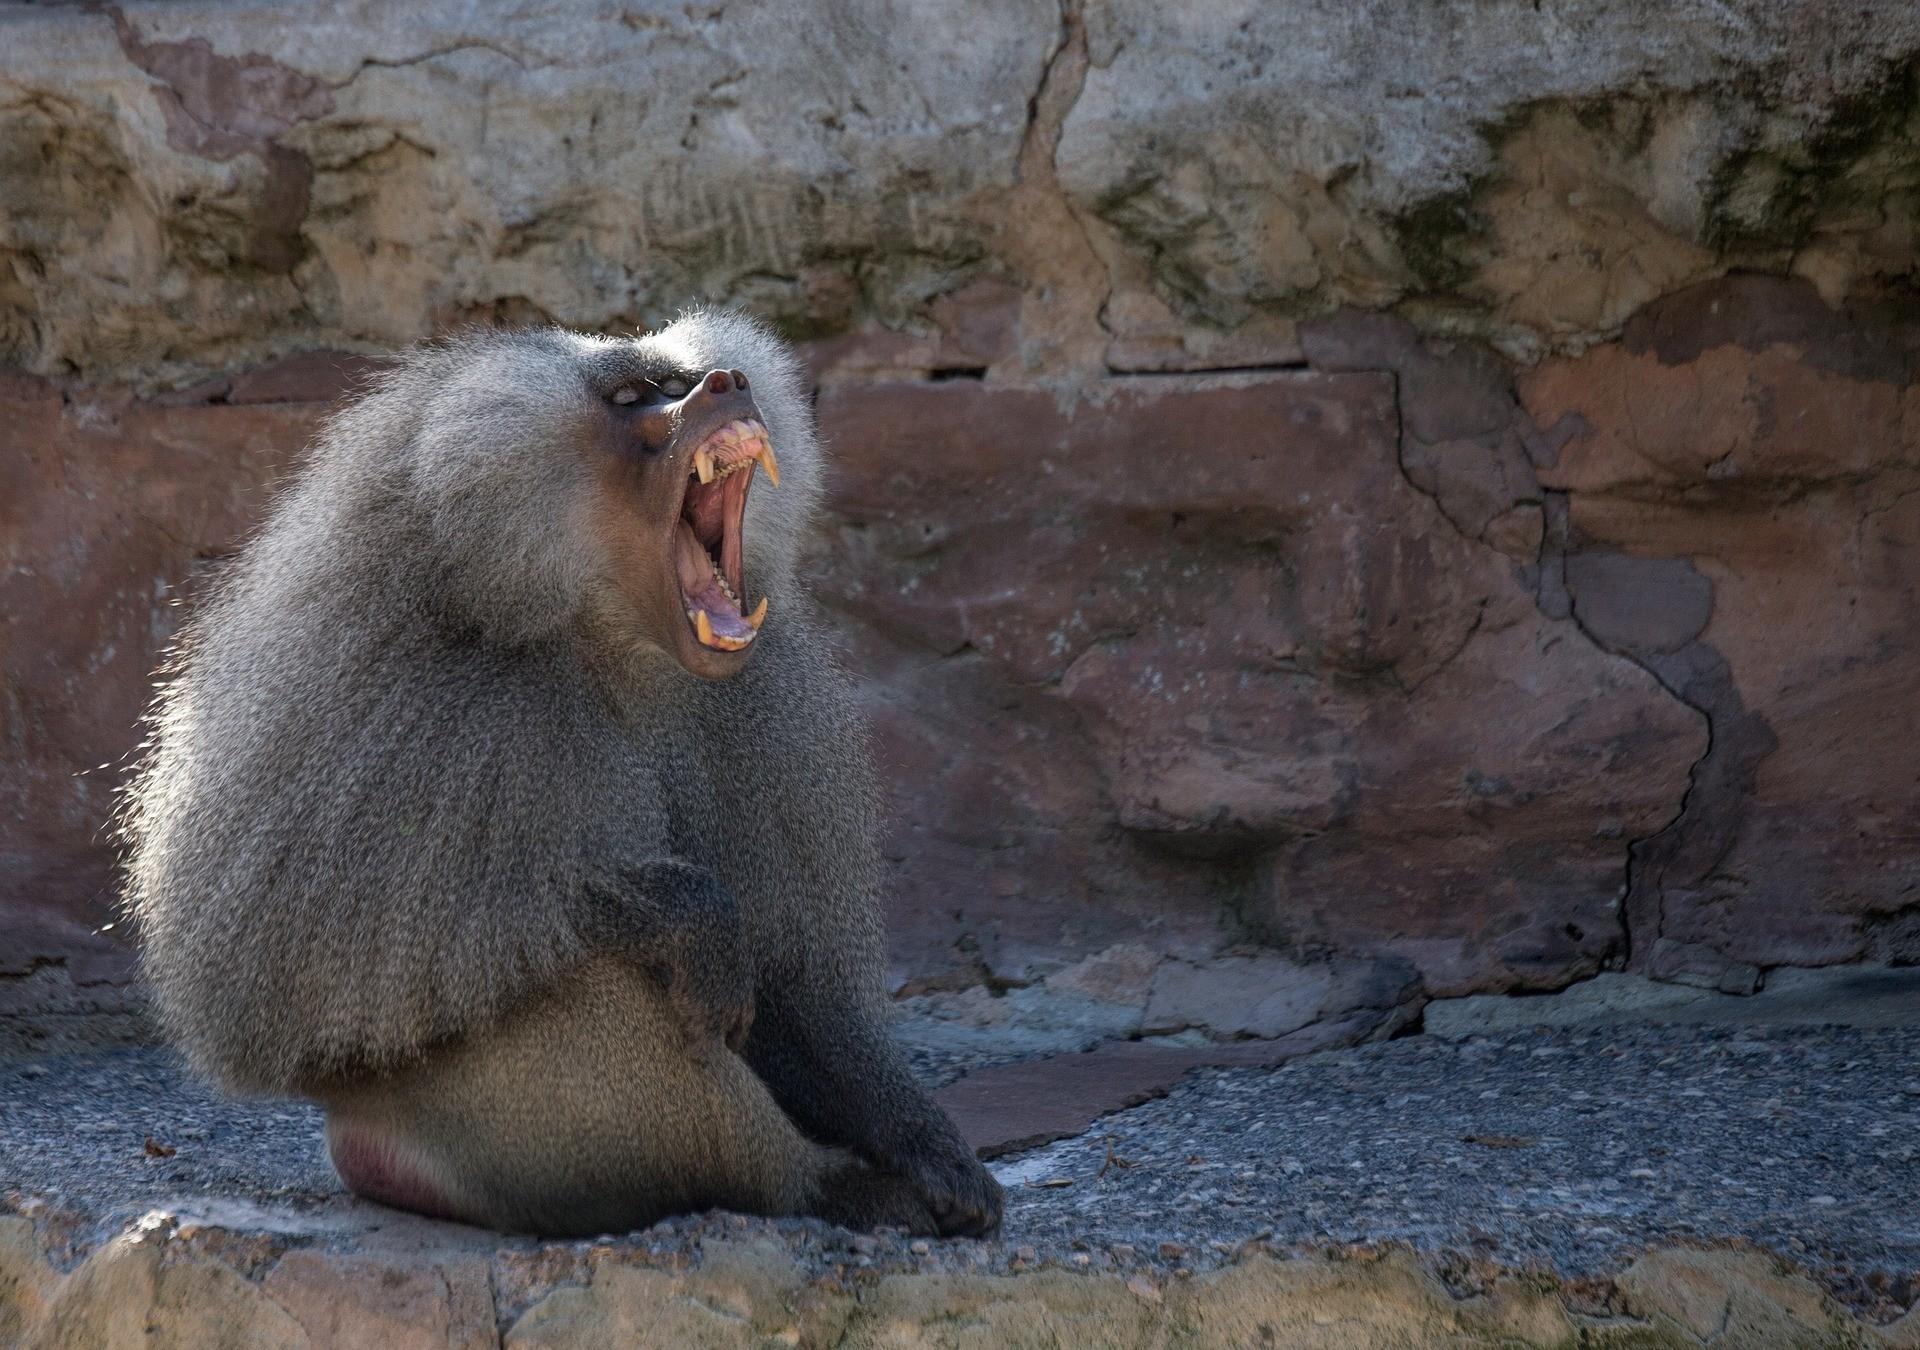 ▲狒狒,打呵欠,哈欠。(圖/取自免費圖庫Pixabay)